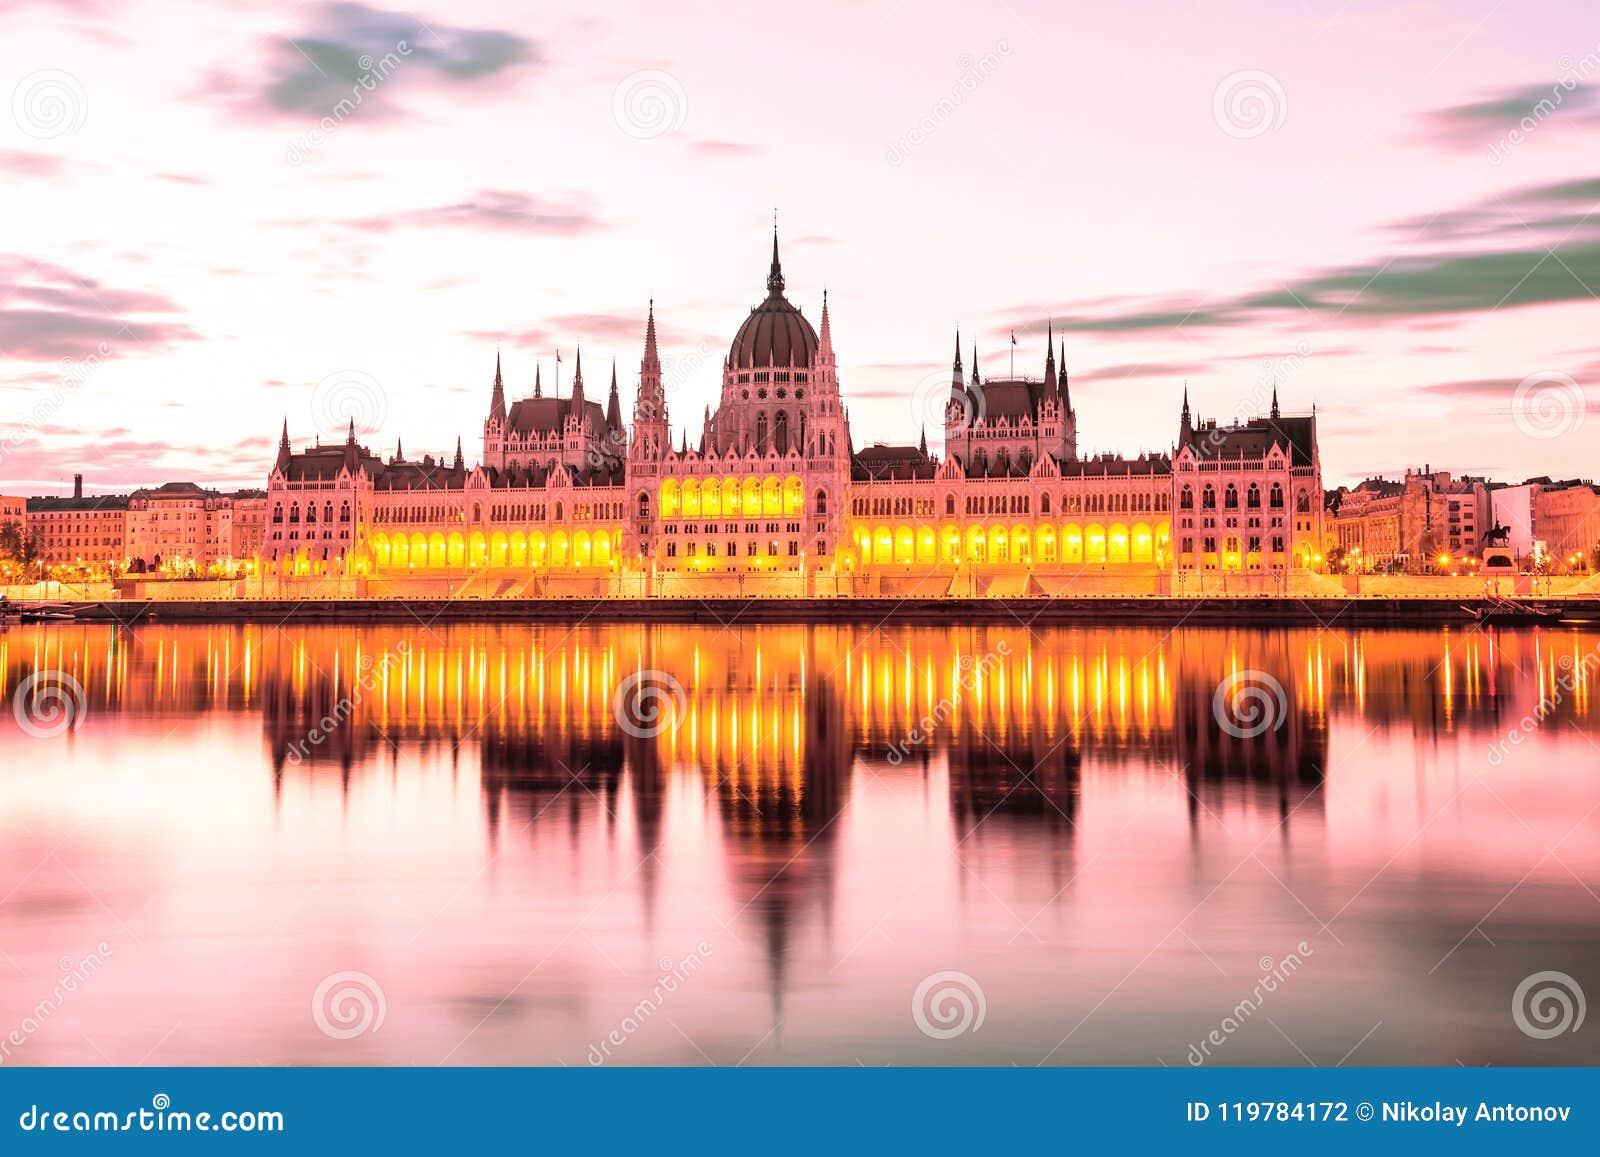 Le Parlement et rive à Budapest Hongrie pendant le lever de soleil Point de repère célèbre à Budapest